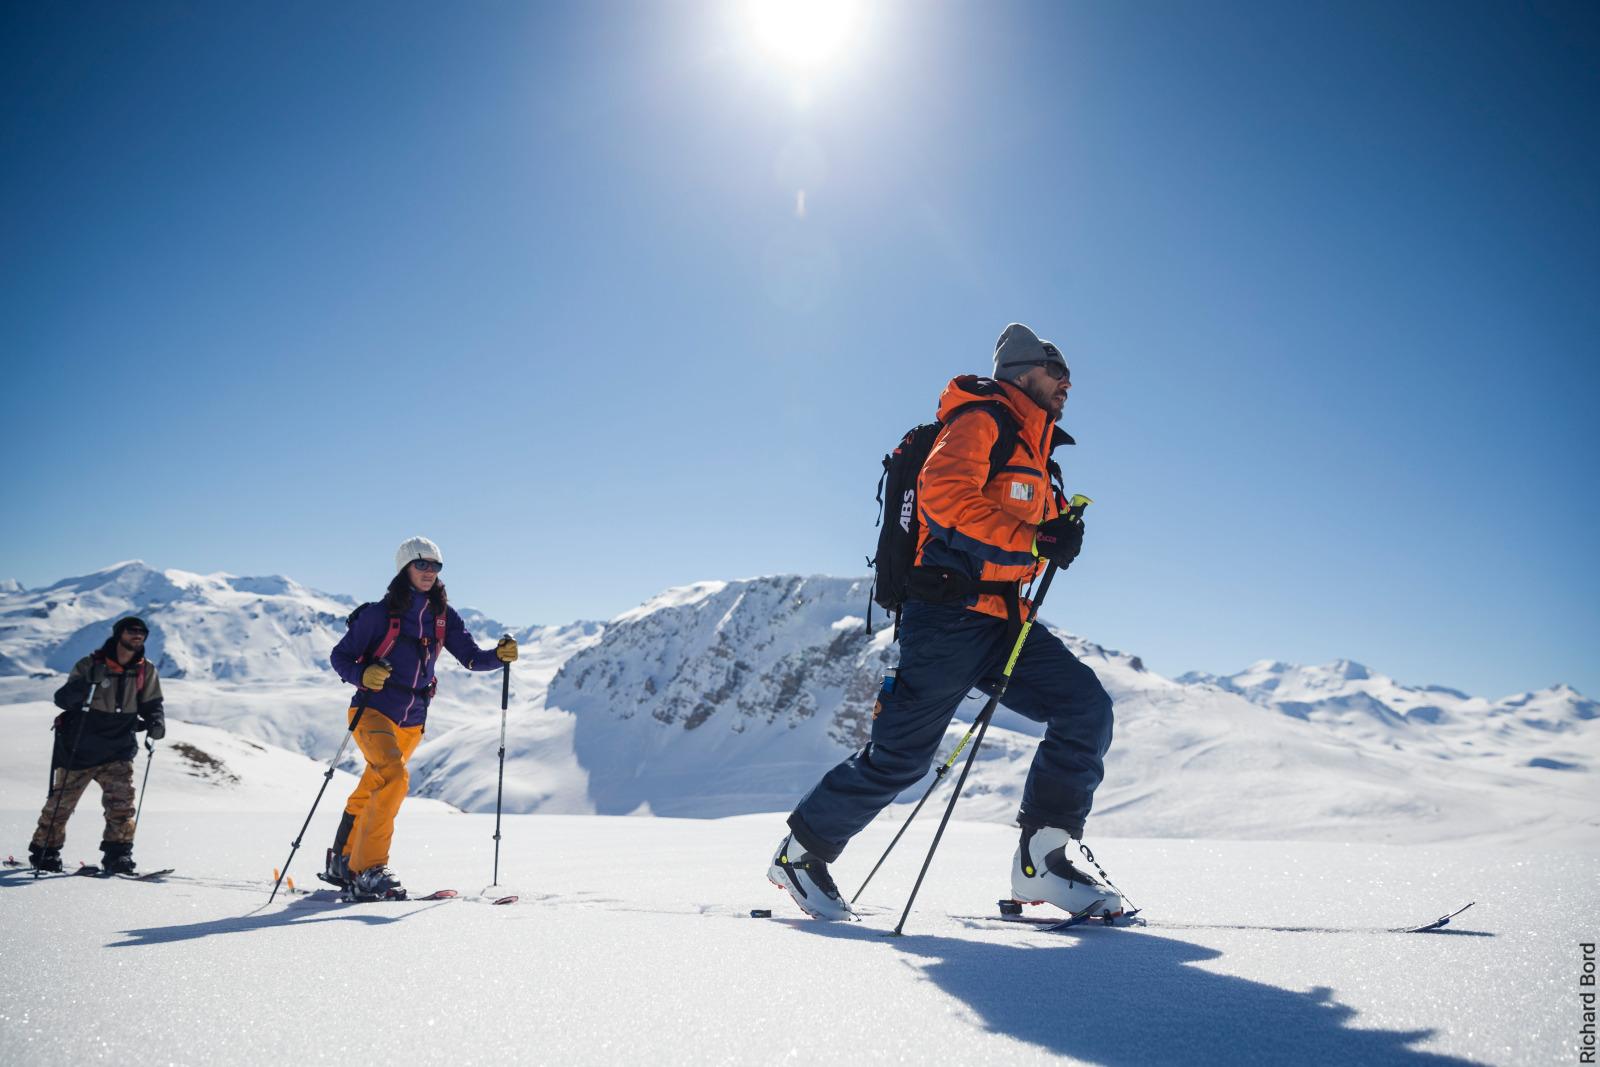 Ski touring - R. Bord - Val d'Isere Tourisme